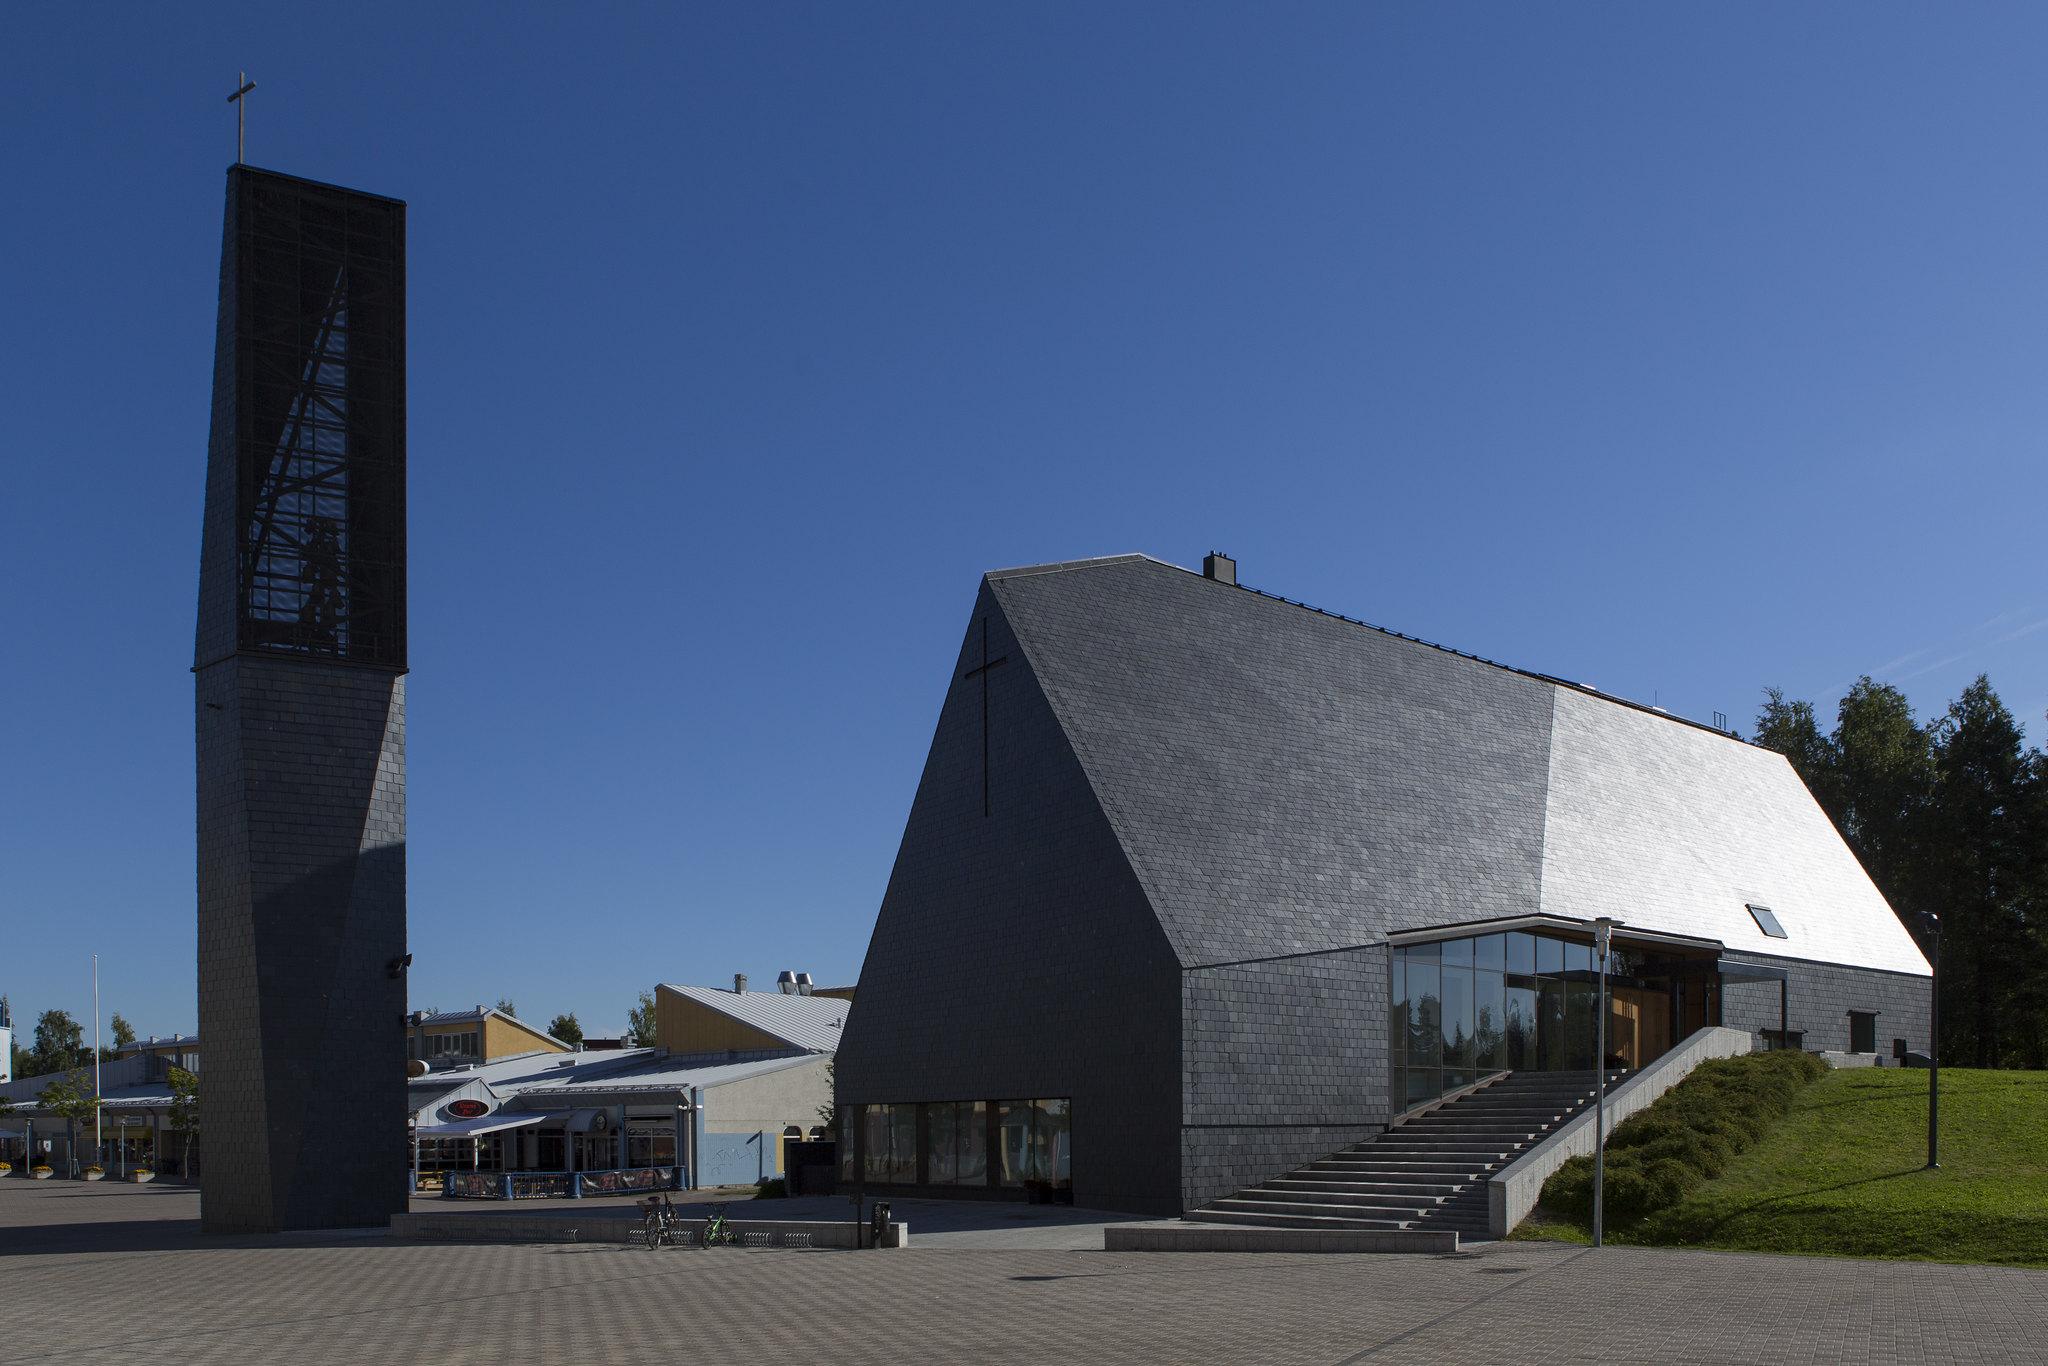 Kuokkalan kirkko